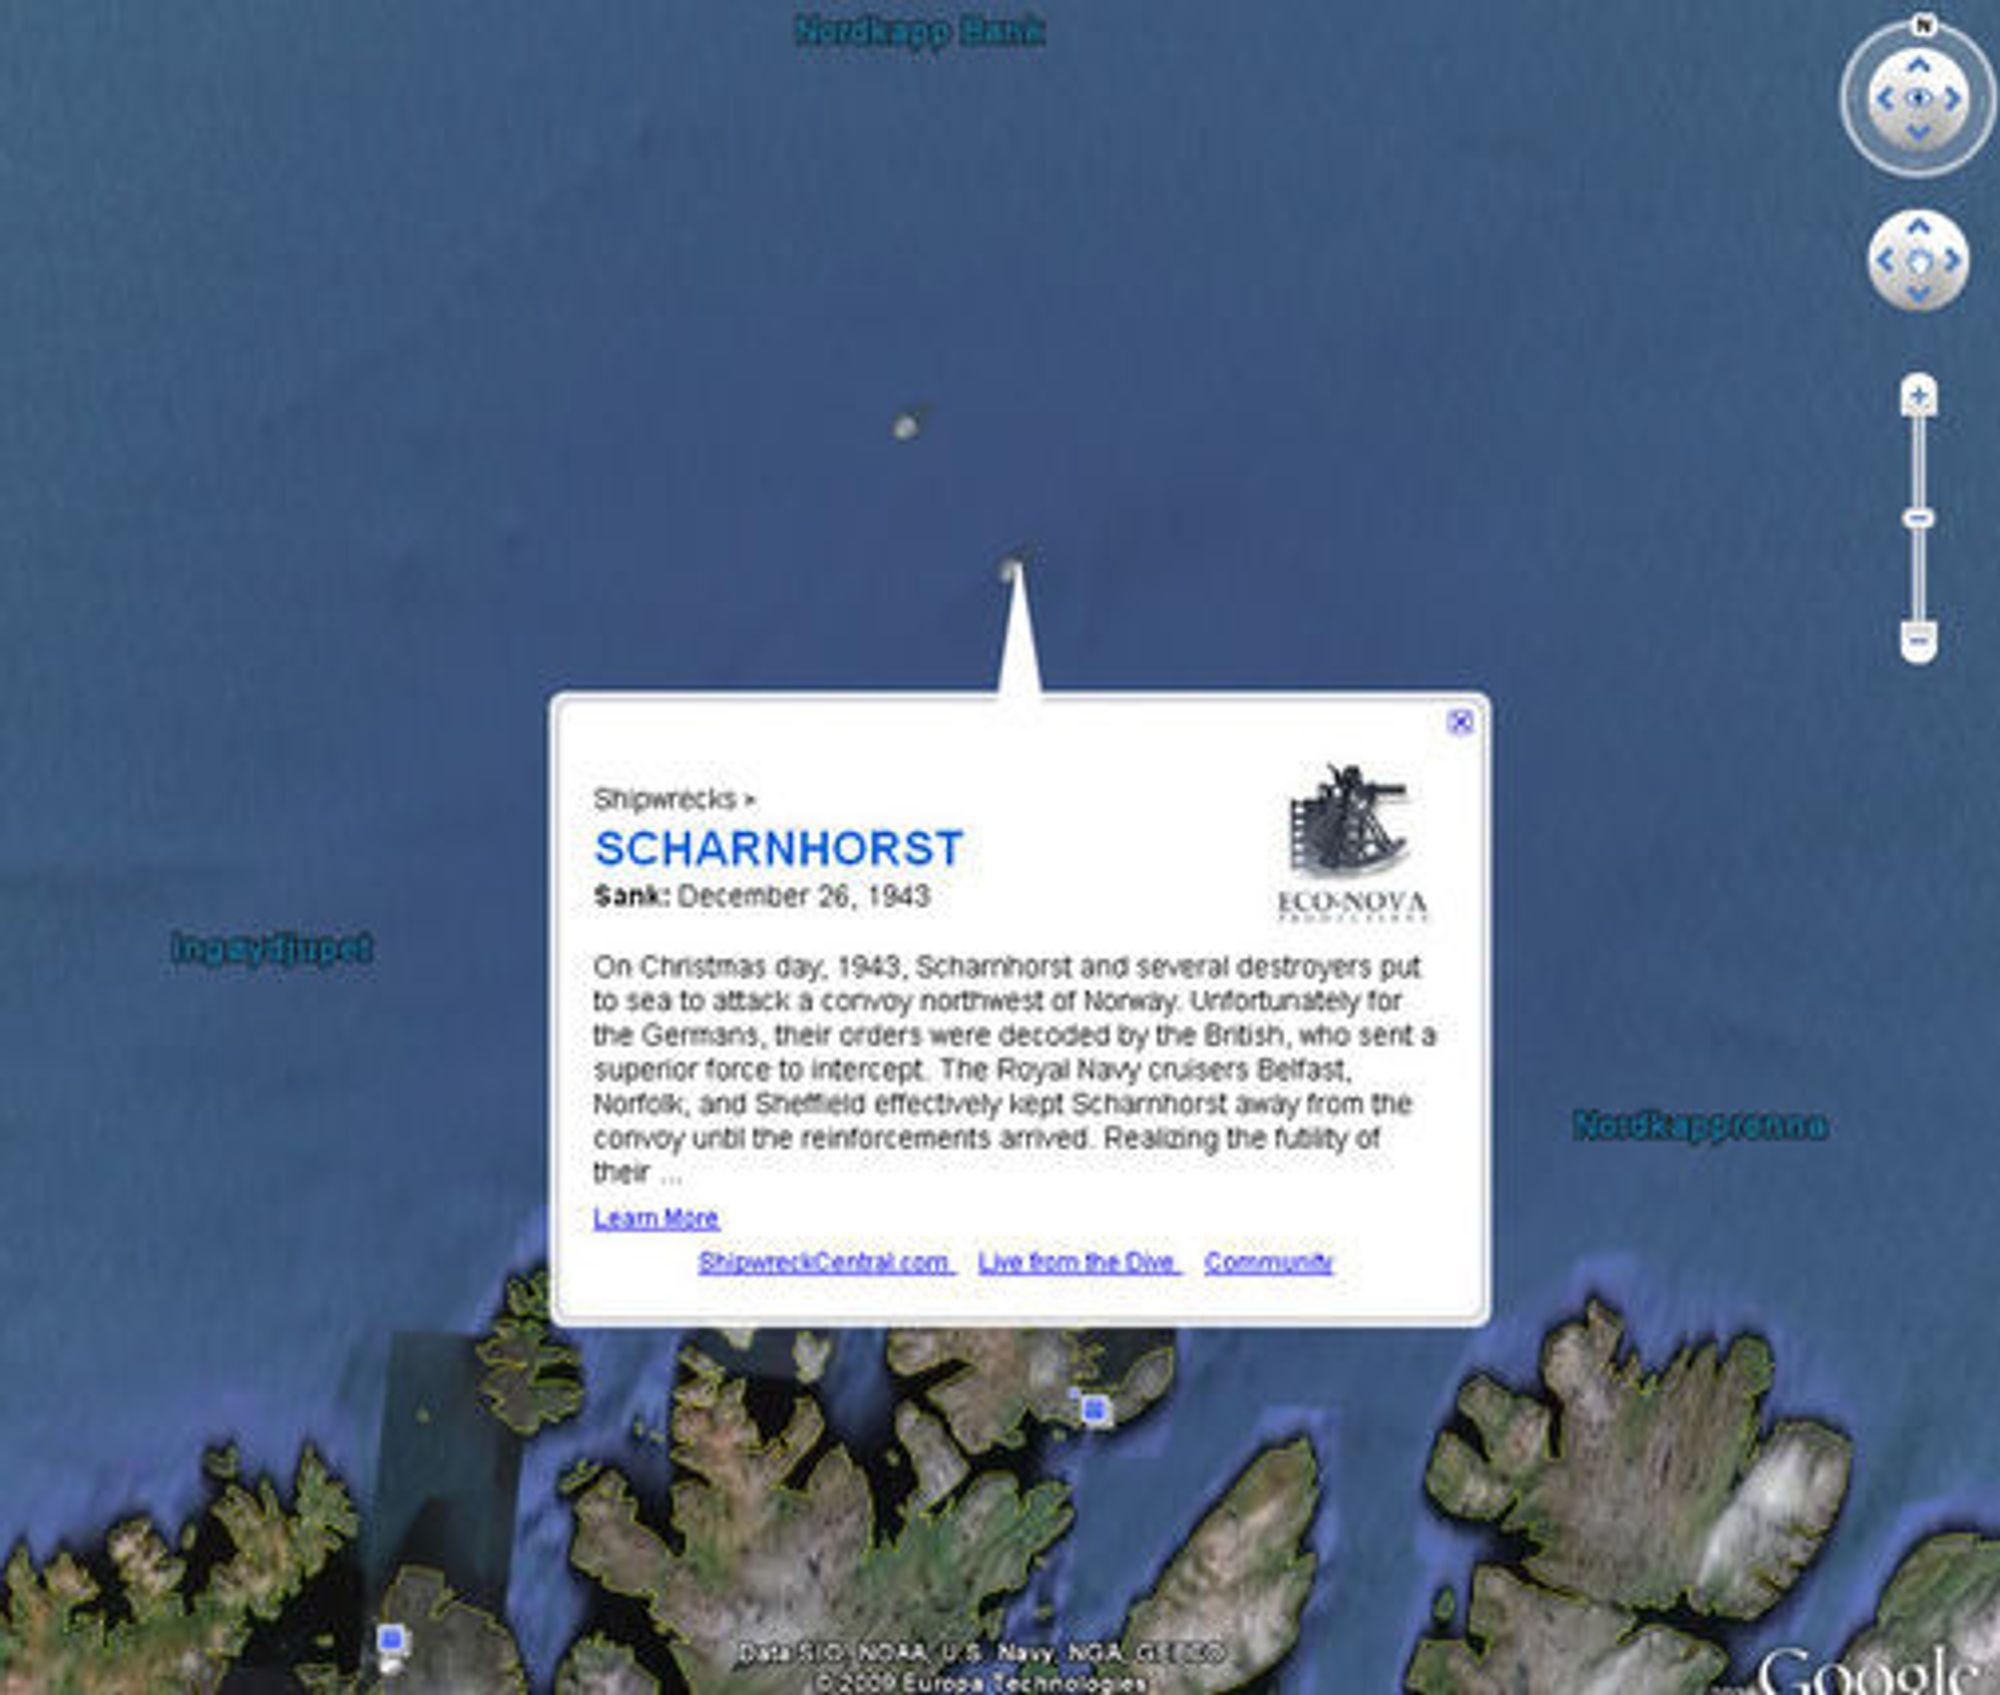 Vraket av det tyske krigsskipet Scharnhorst ligger nord for Nordkapp.